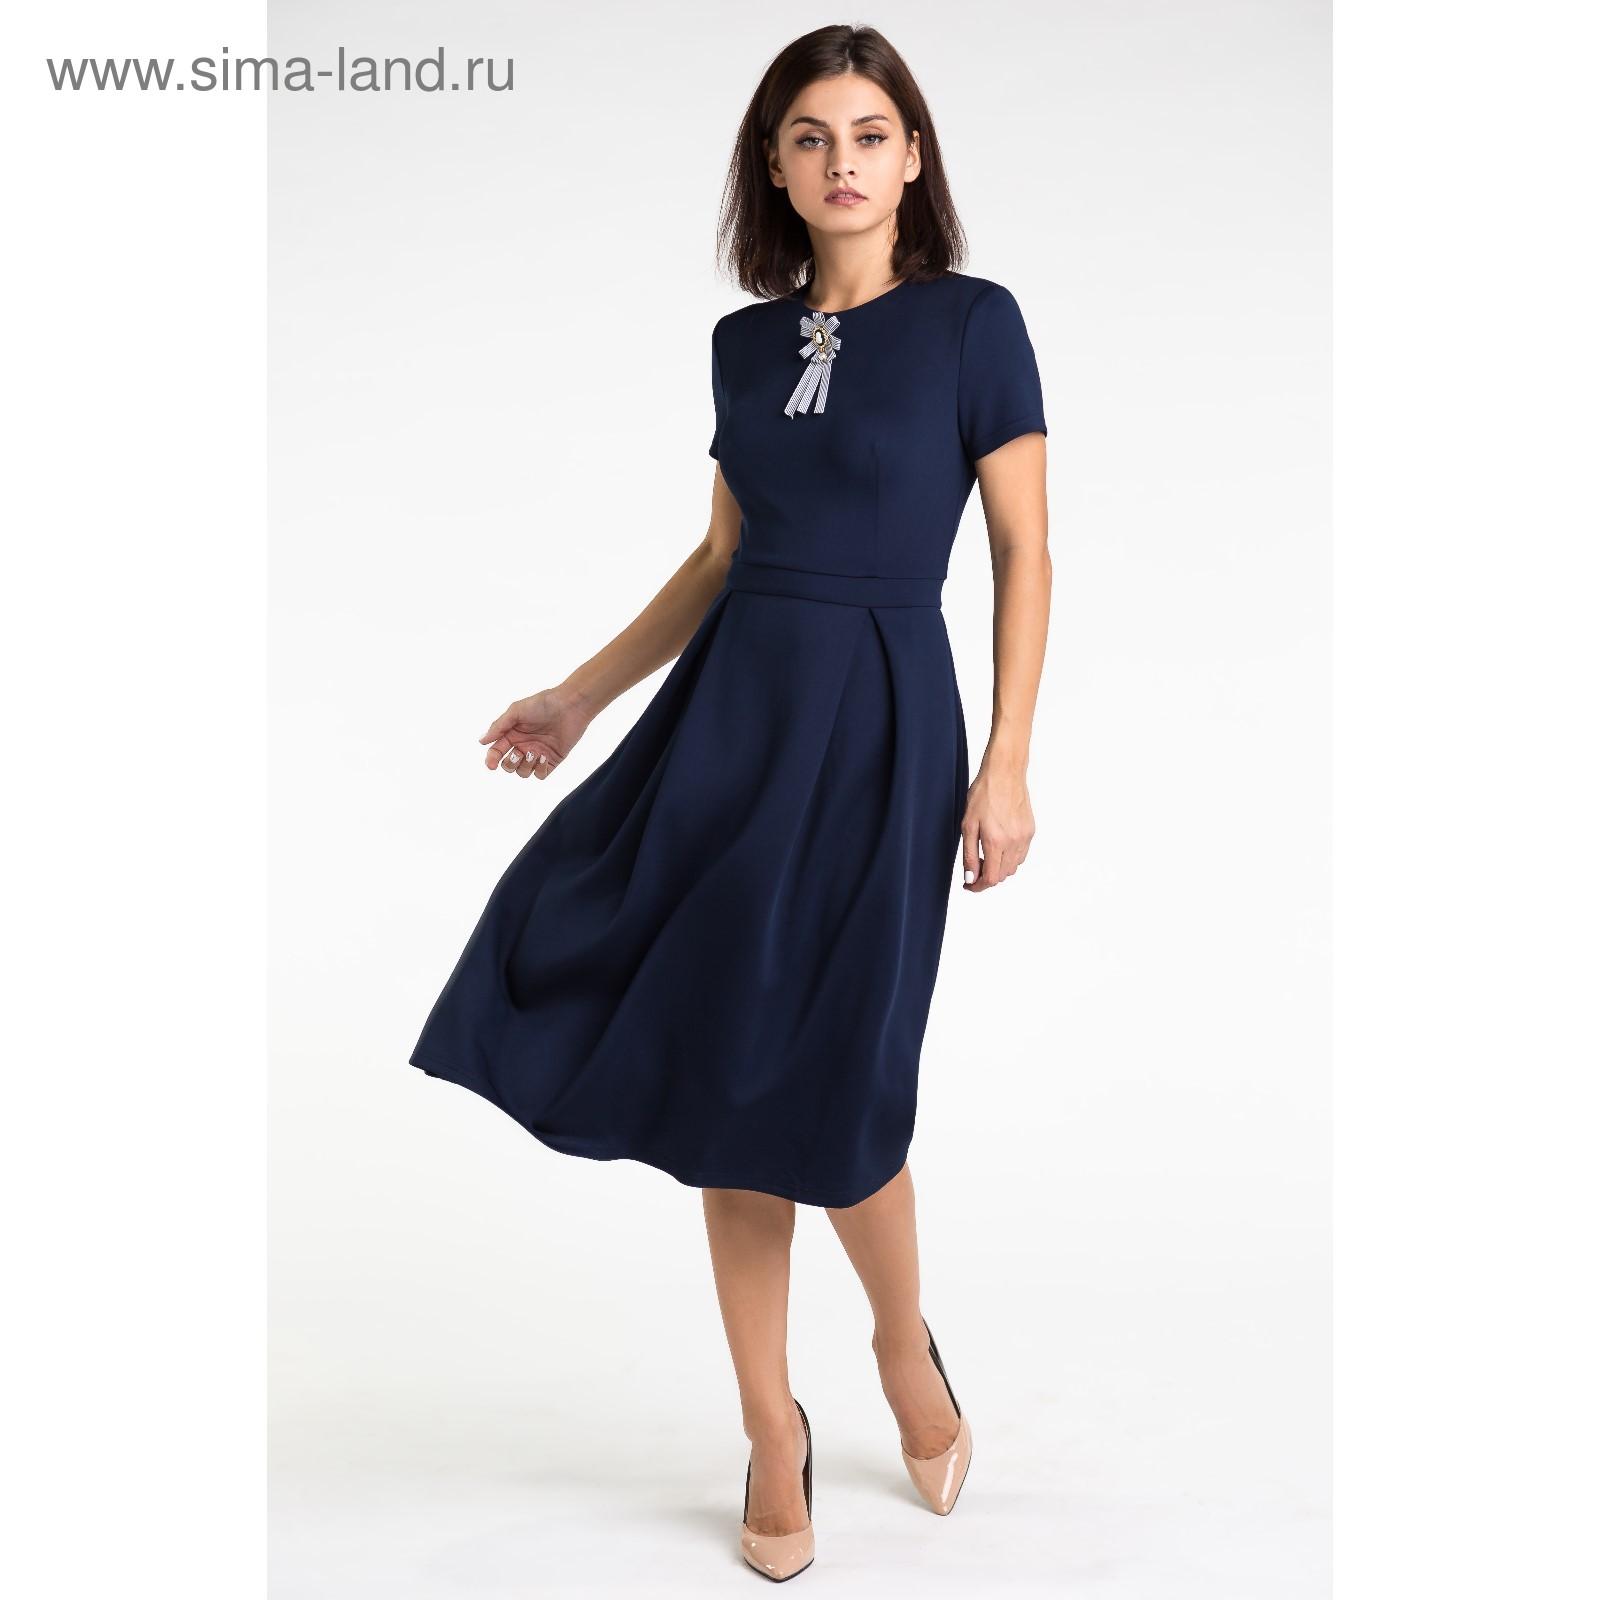 44d4f87bad024d9 Платье женское с брошкой, размер 42, цвет тёмно-синий (3853973 ...